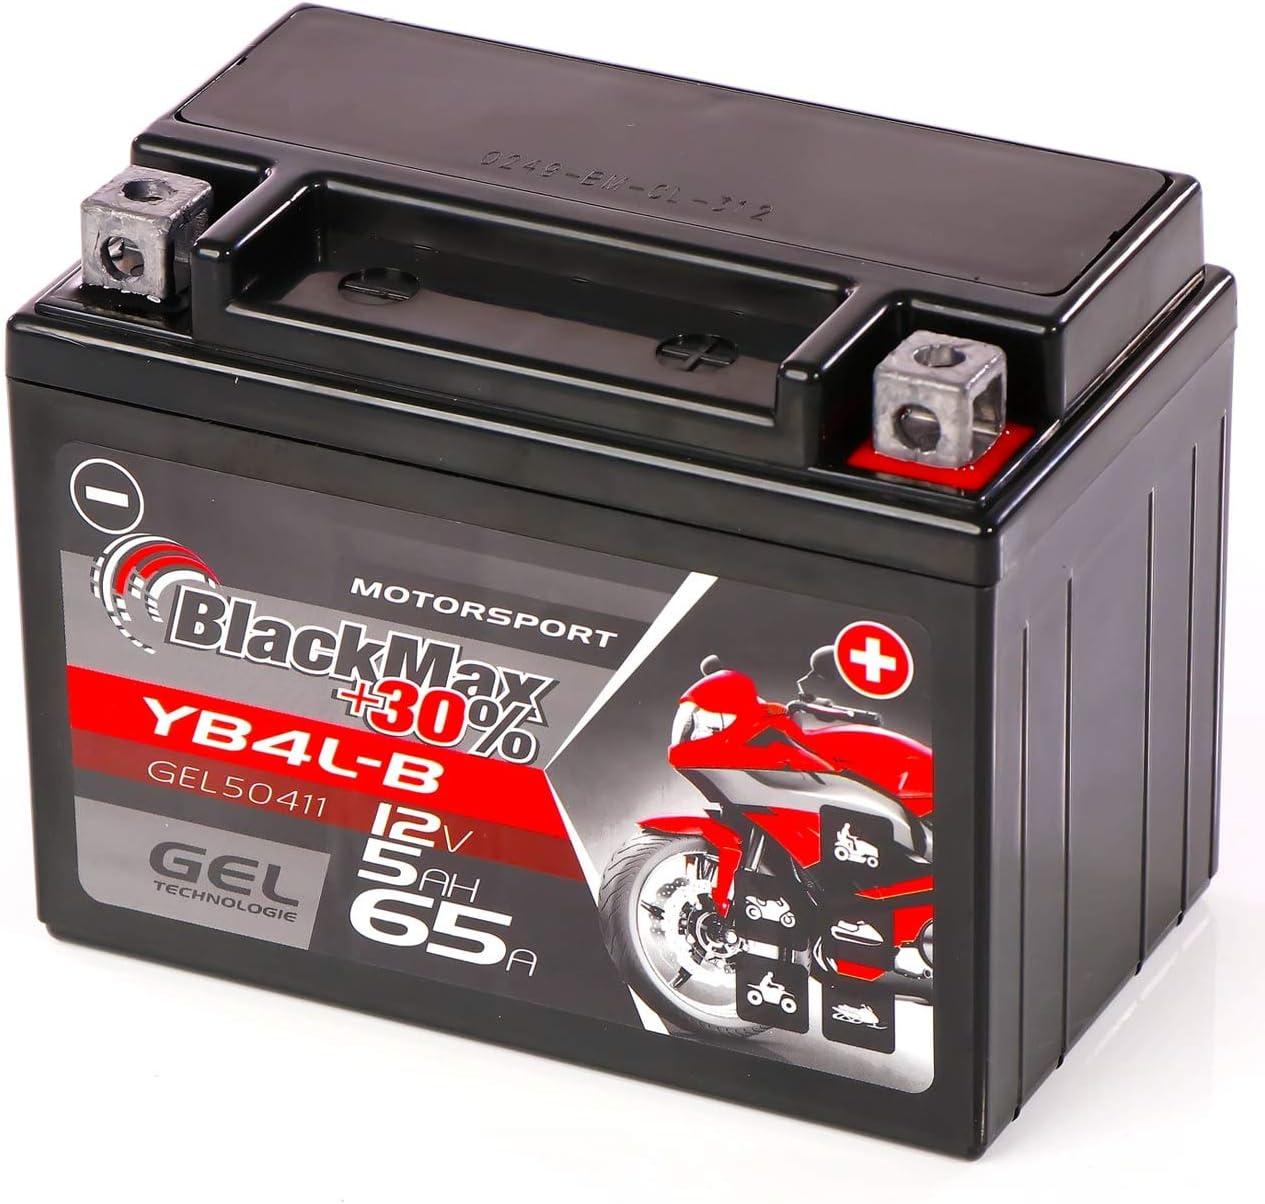 Blackmax Yb4l B Gel Rollerbatterie 12v 5ah Cb4l B 50411 Wartungsfrei Fb4l B Gb4l B Sla4l Bs Auto